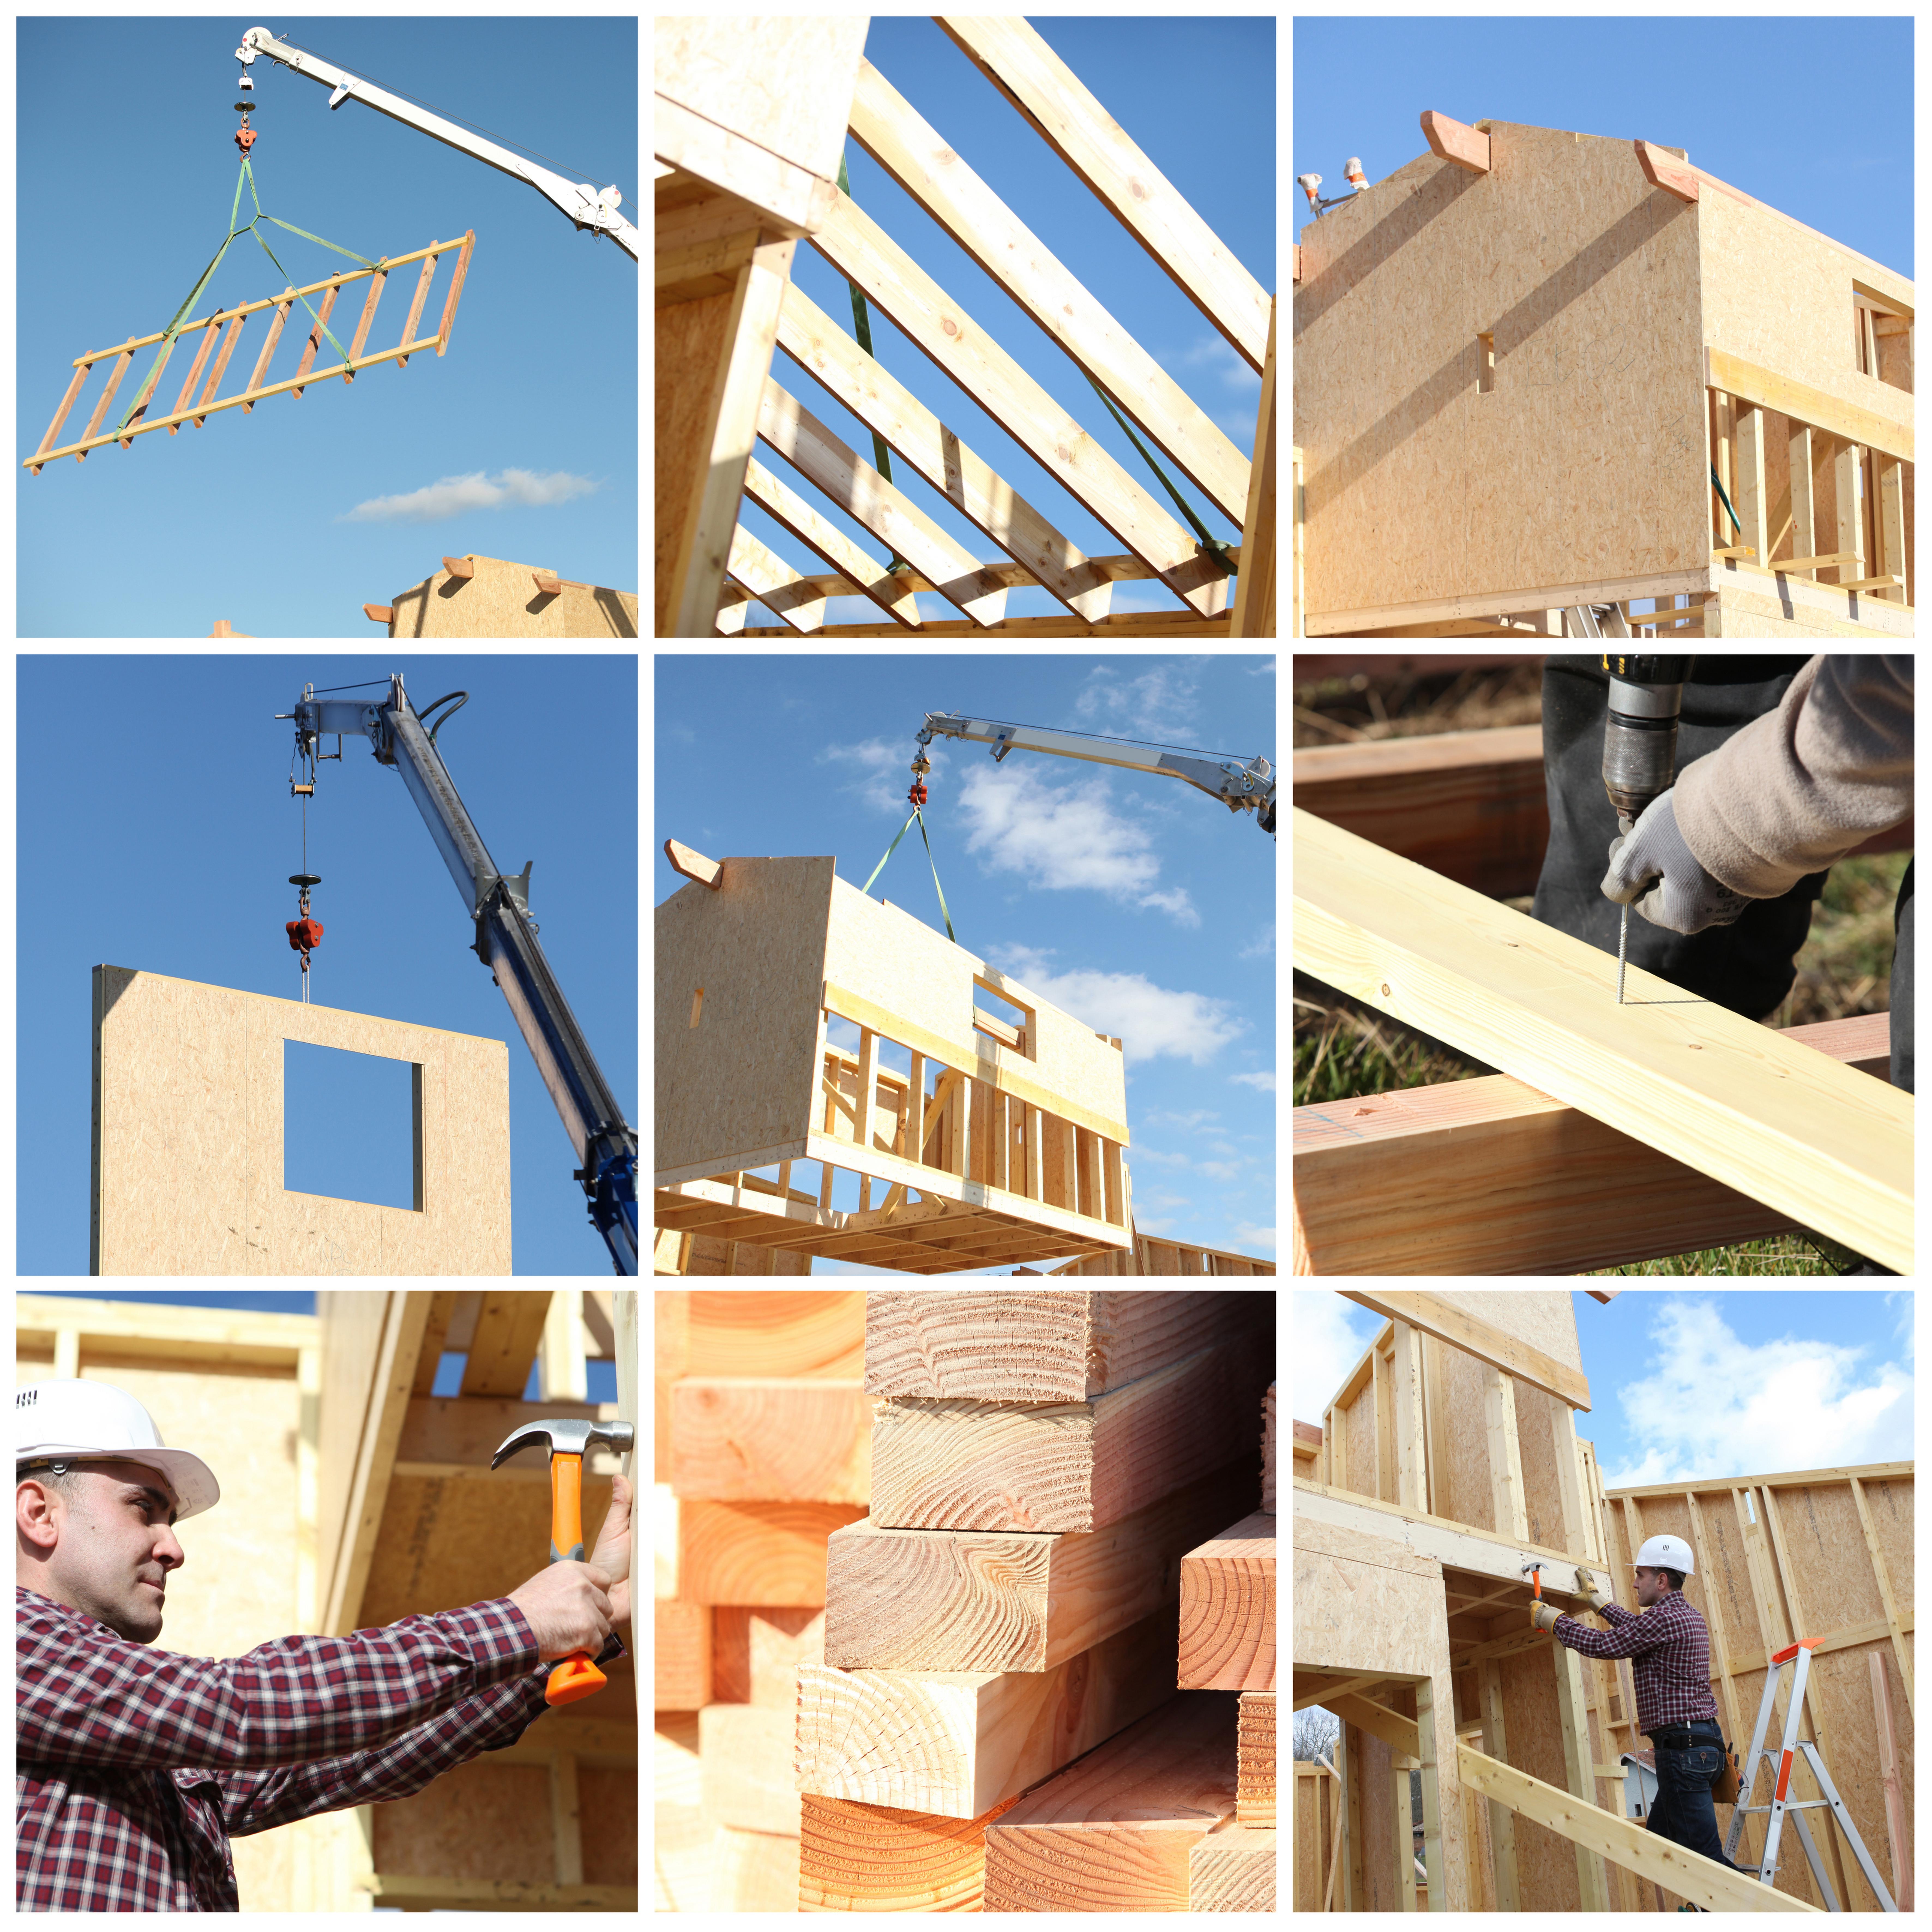 faire-construire-une-maison-en-dordogne_trouver-son-terrain-en-dordogne_acheter-un-terrain-en-dordogne_constructeur-maison_constructeur-maison-dordogne_maisons-alienor